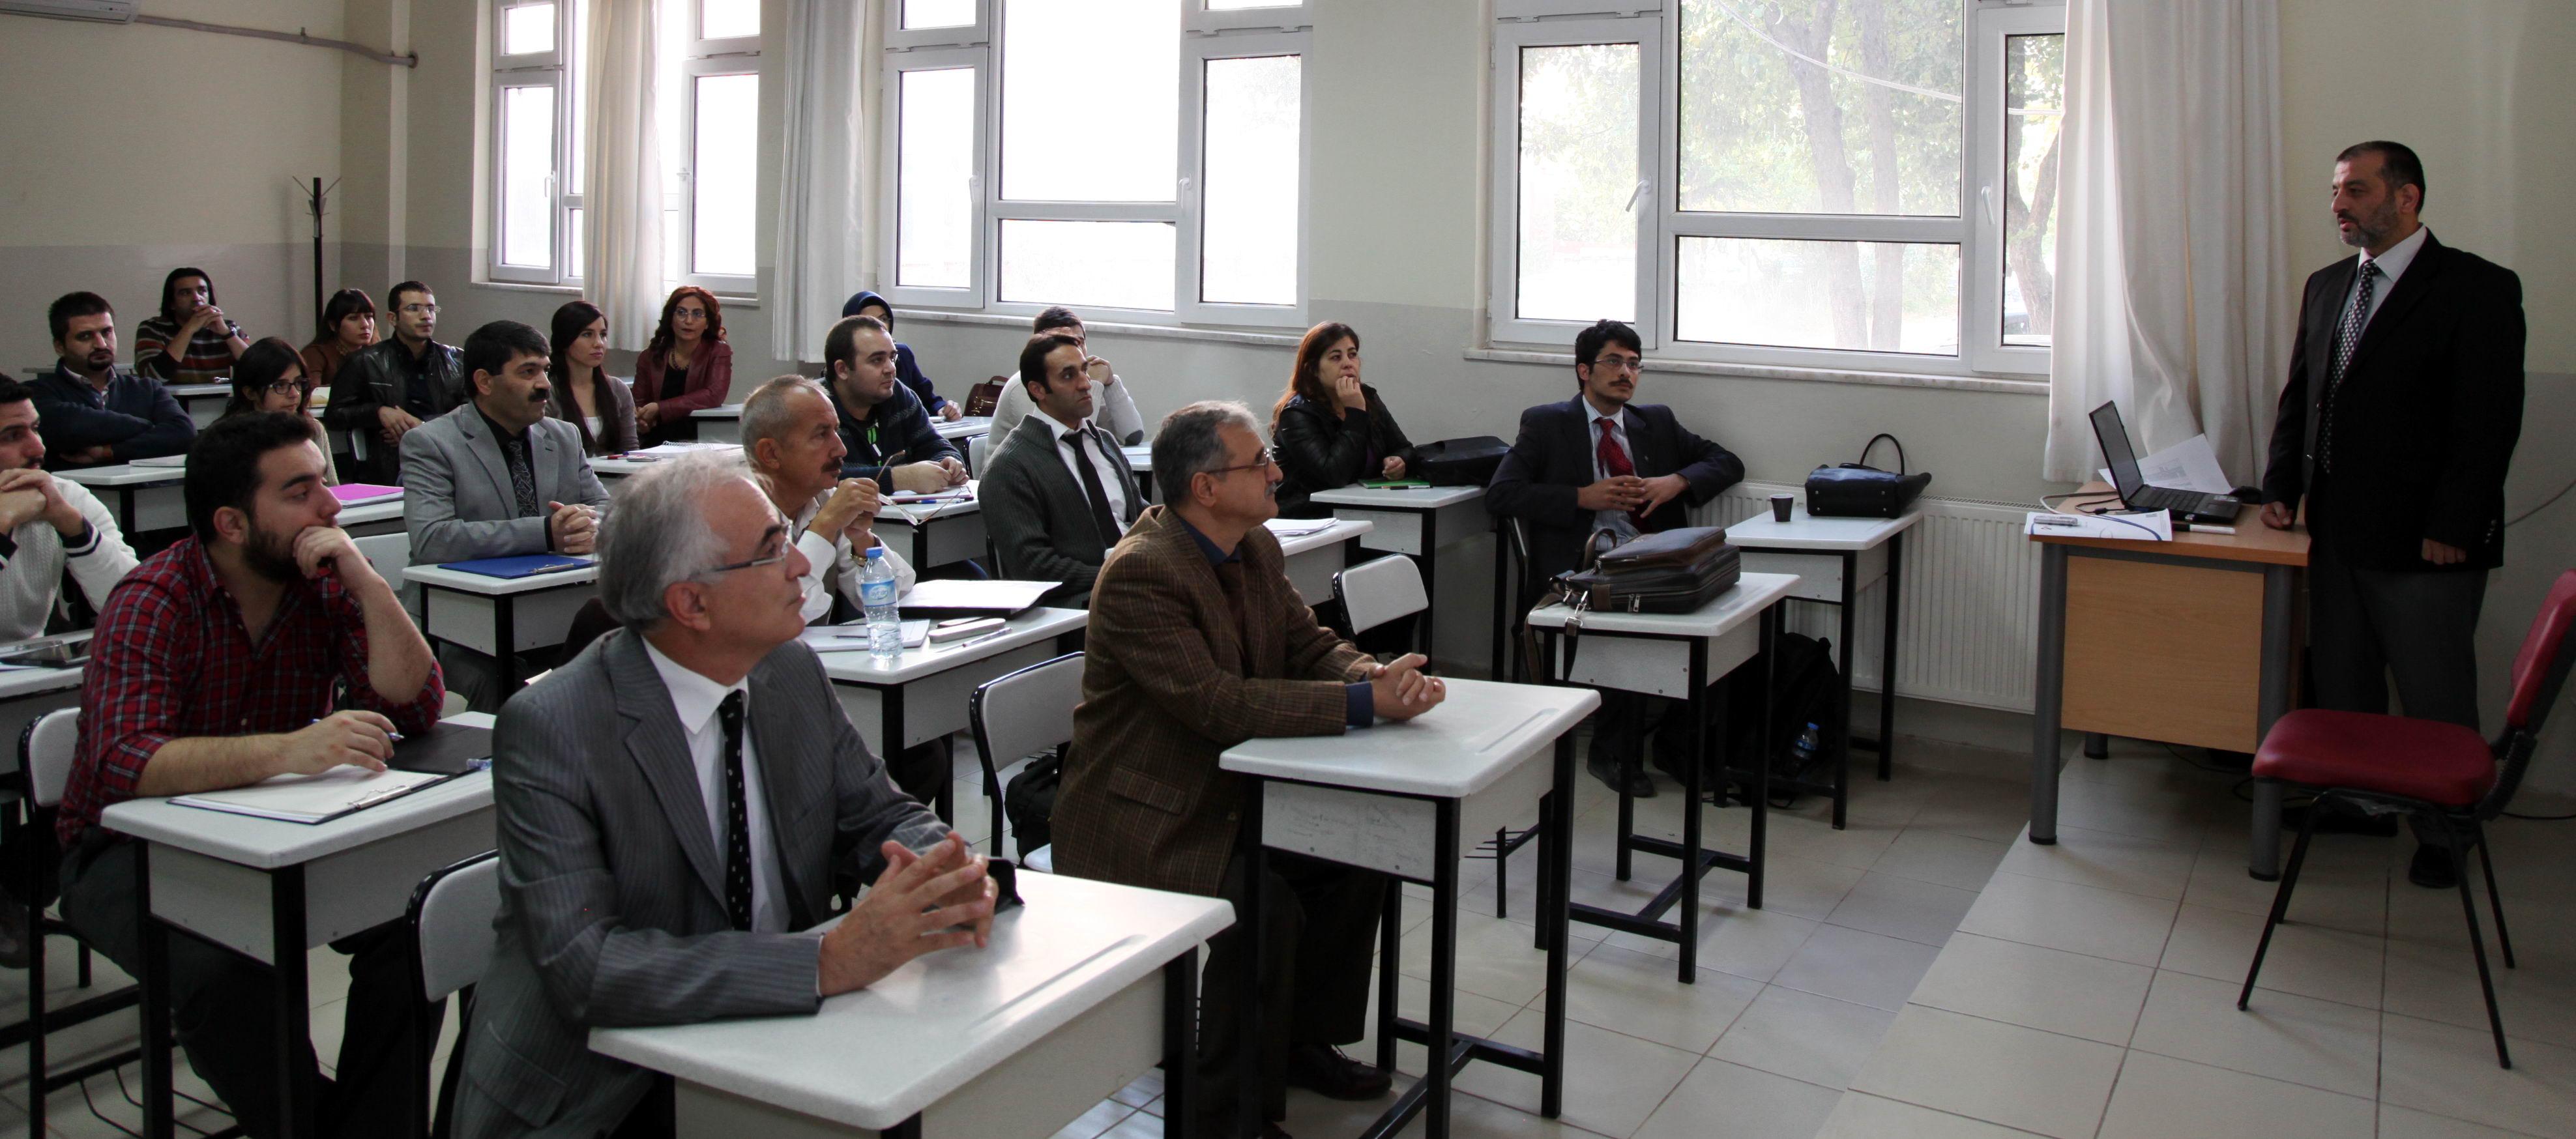 406-GAÜN- Fotovoltaik Enerji Eğitimi (4)